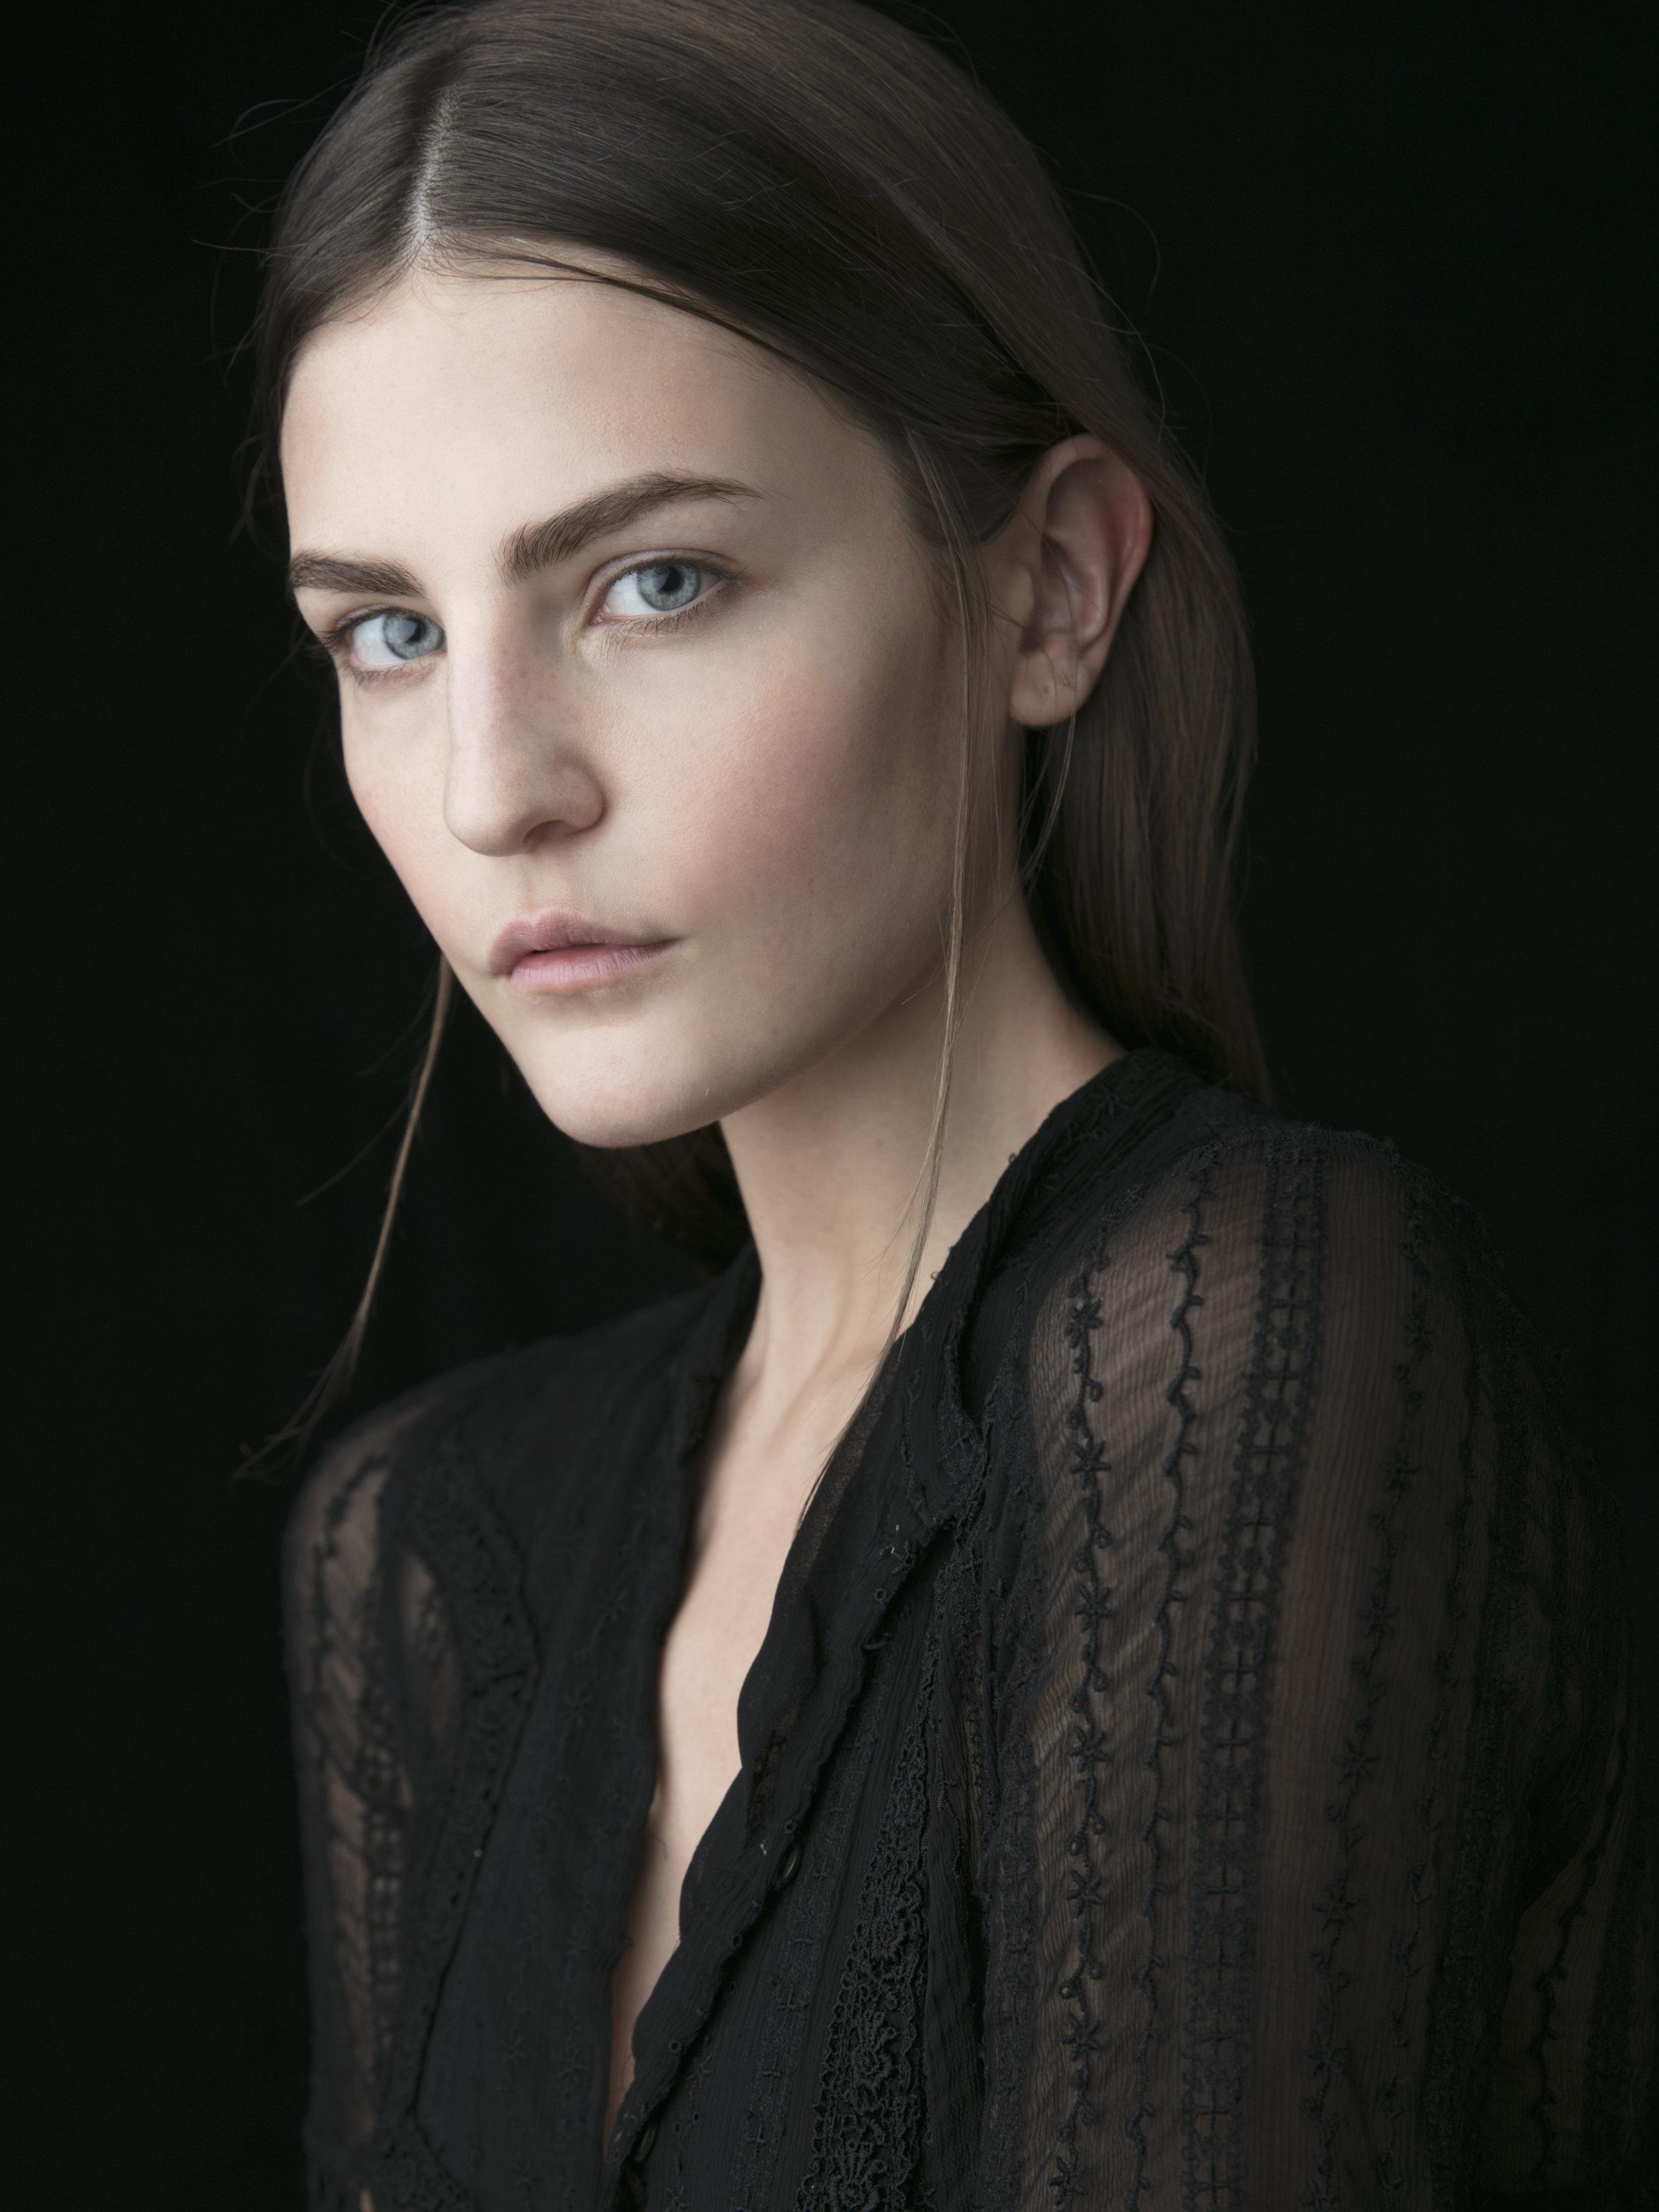 Renee Peters